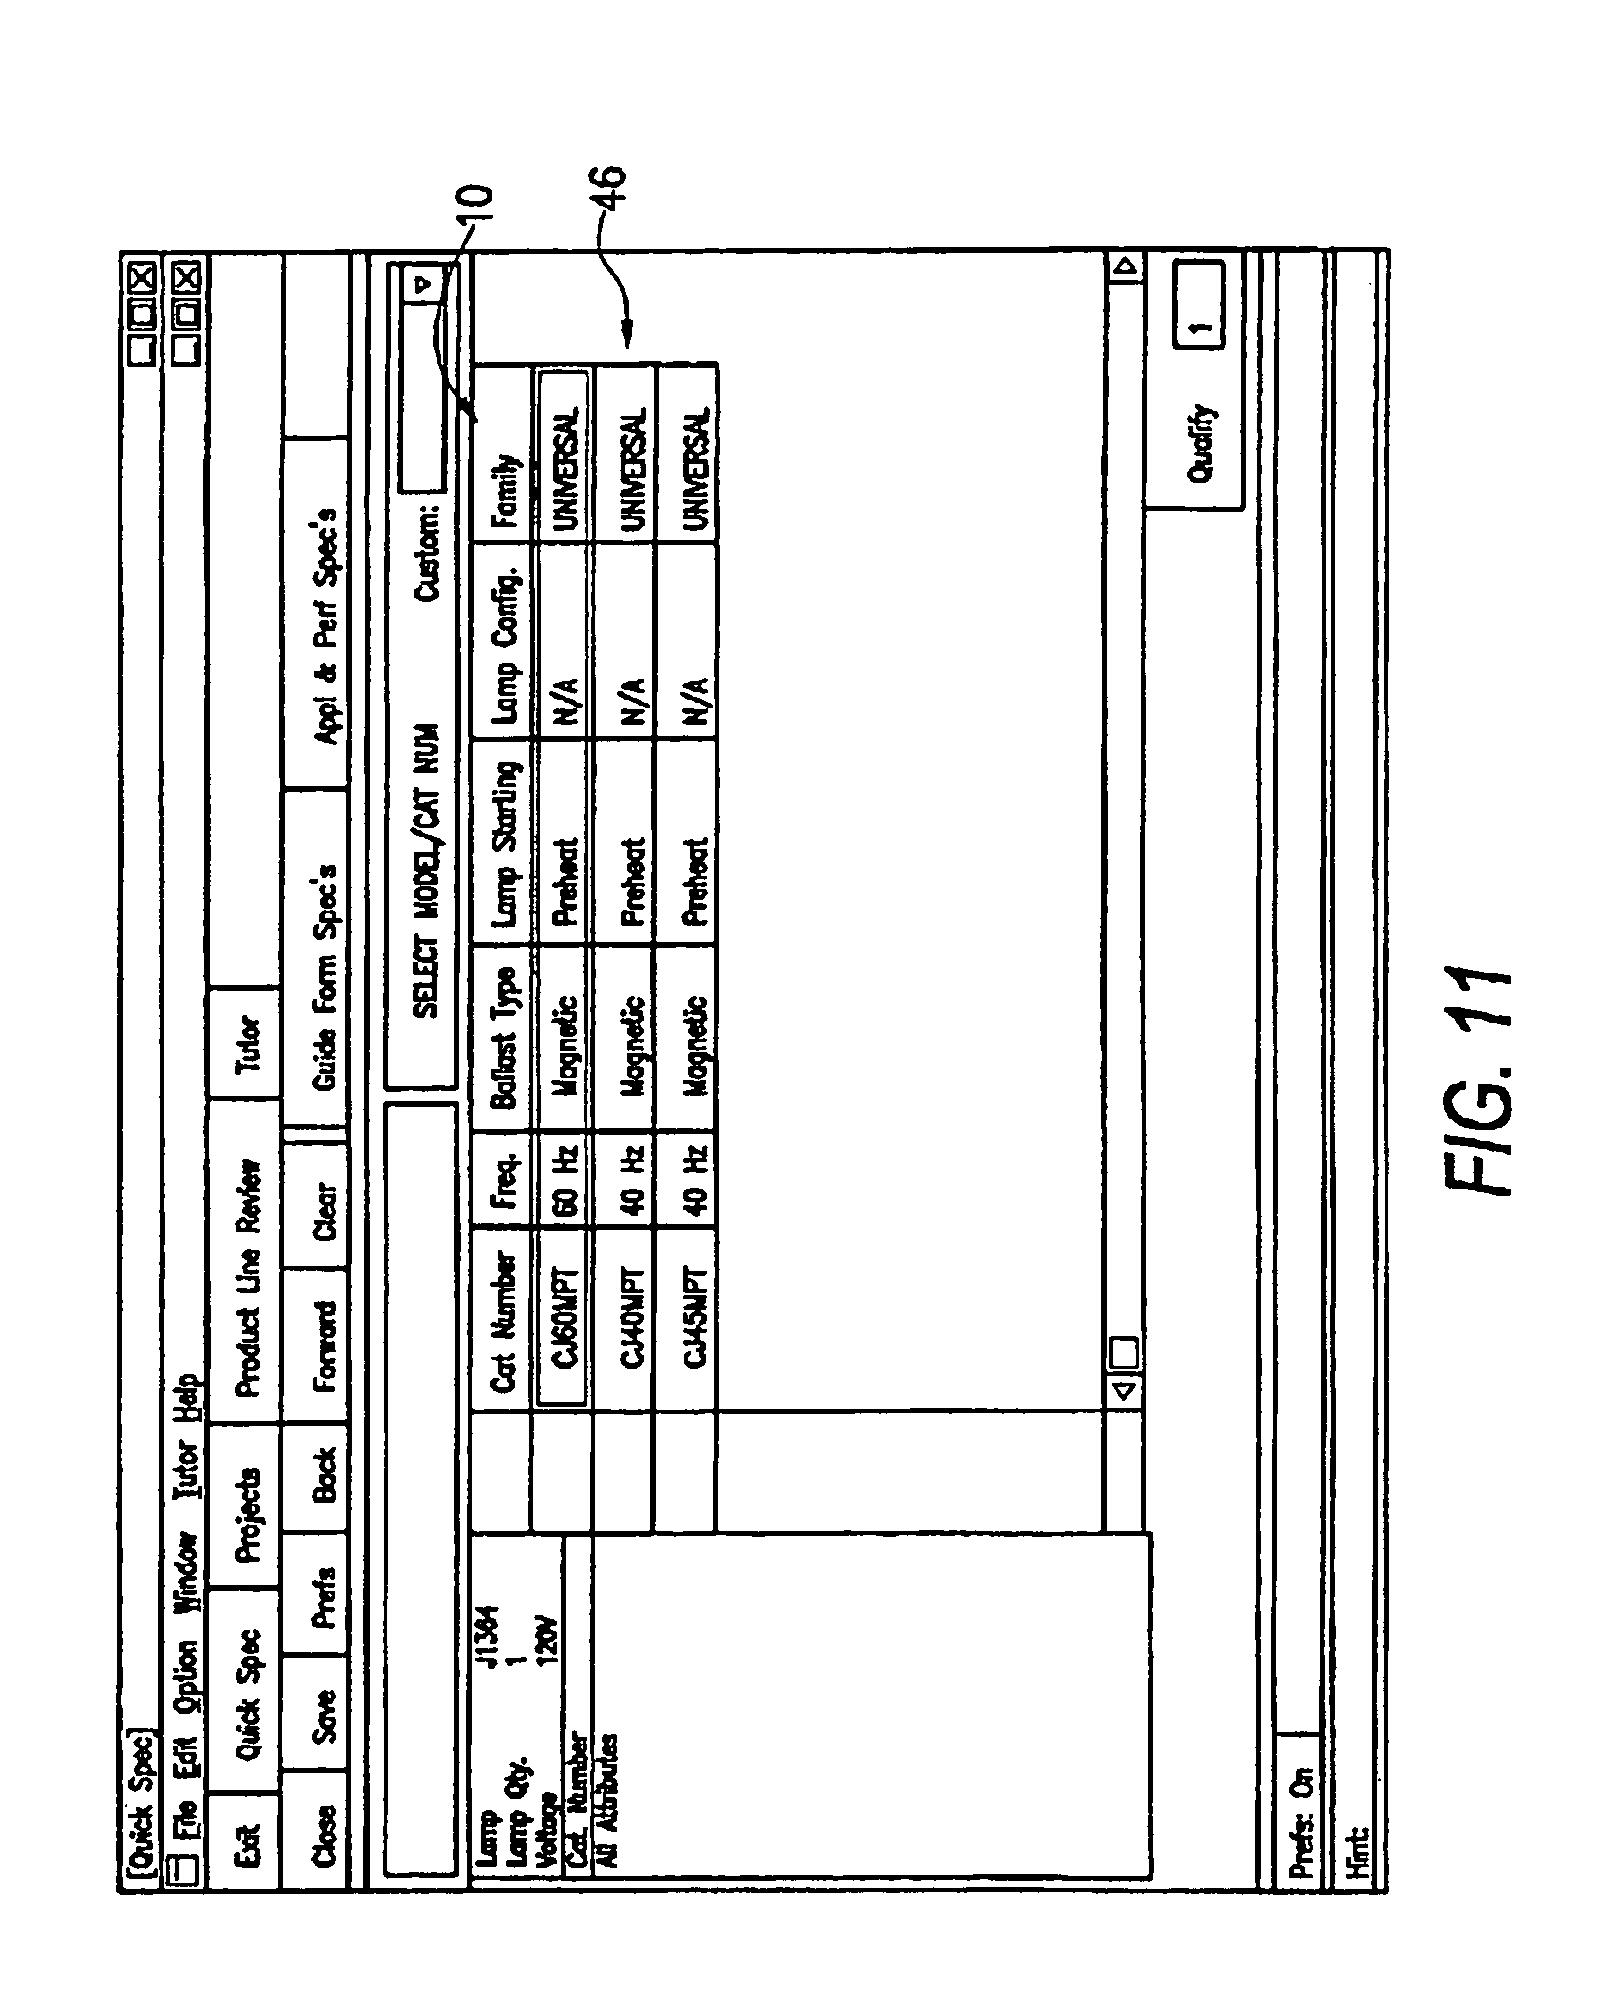 Haier Heat Pump Wiring Diagram : Haier heat pump wiring diagrams evcon